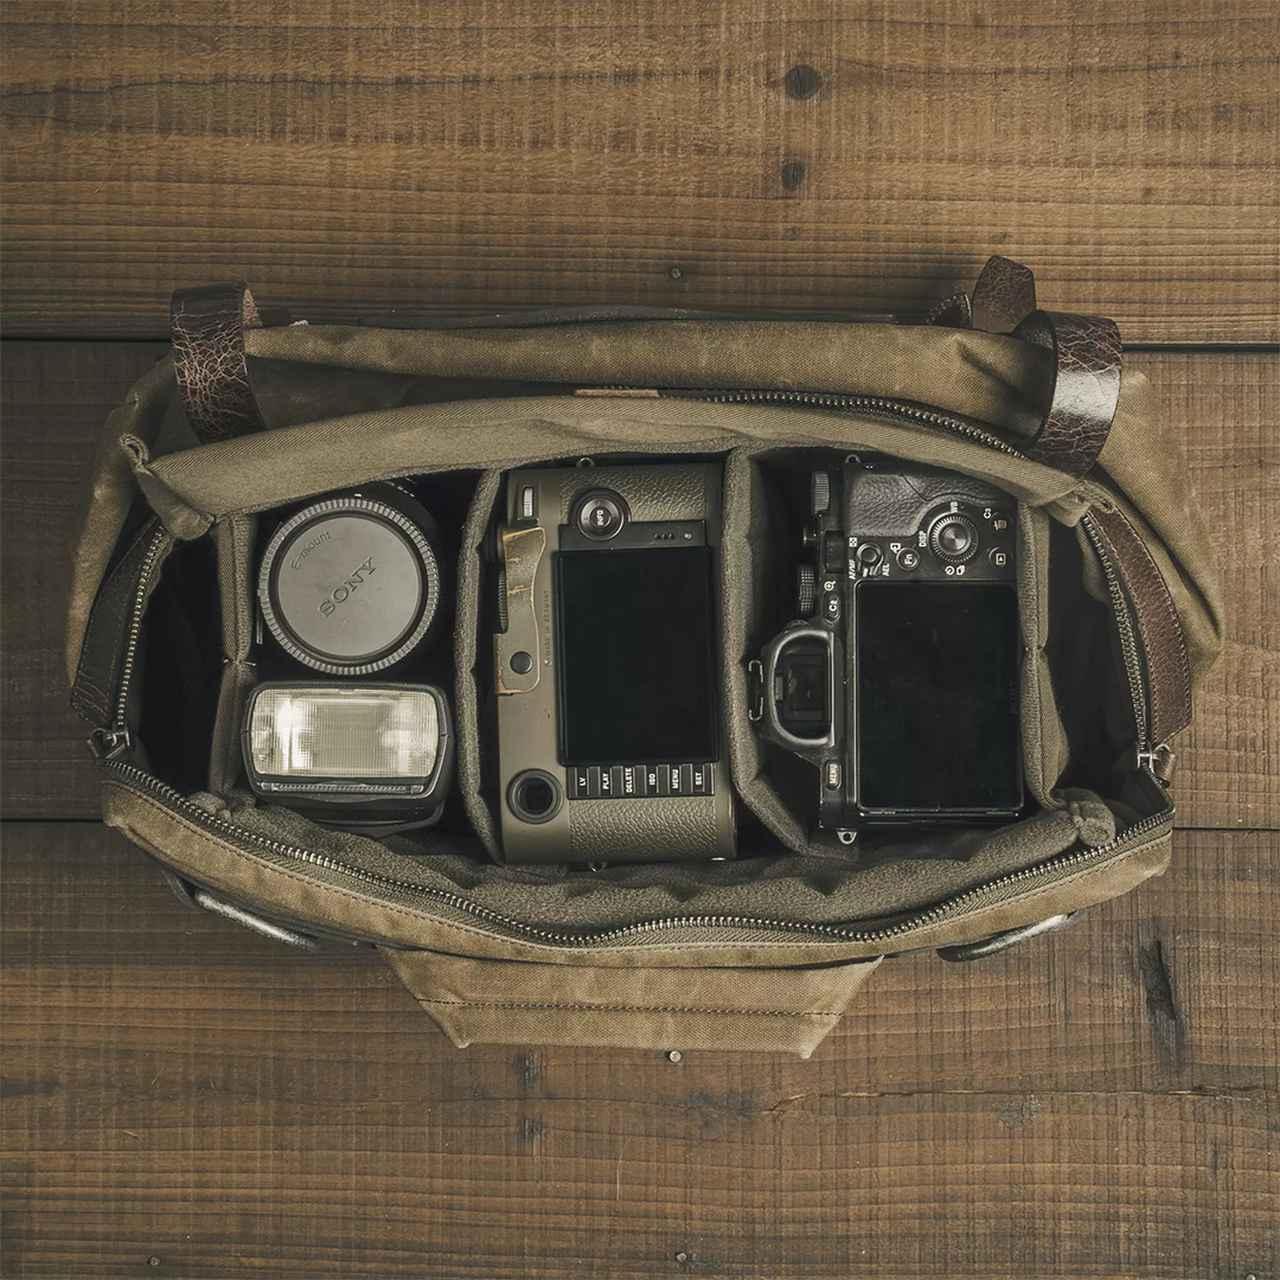 画像: ▲収納例。使用状況に応じてバッグを折りたたむことができる。